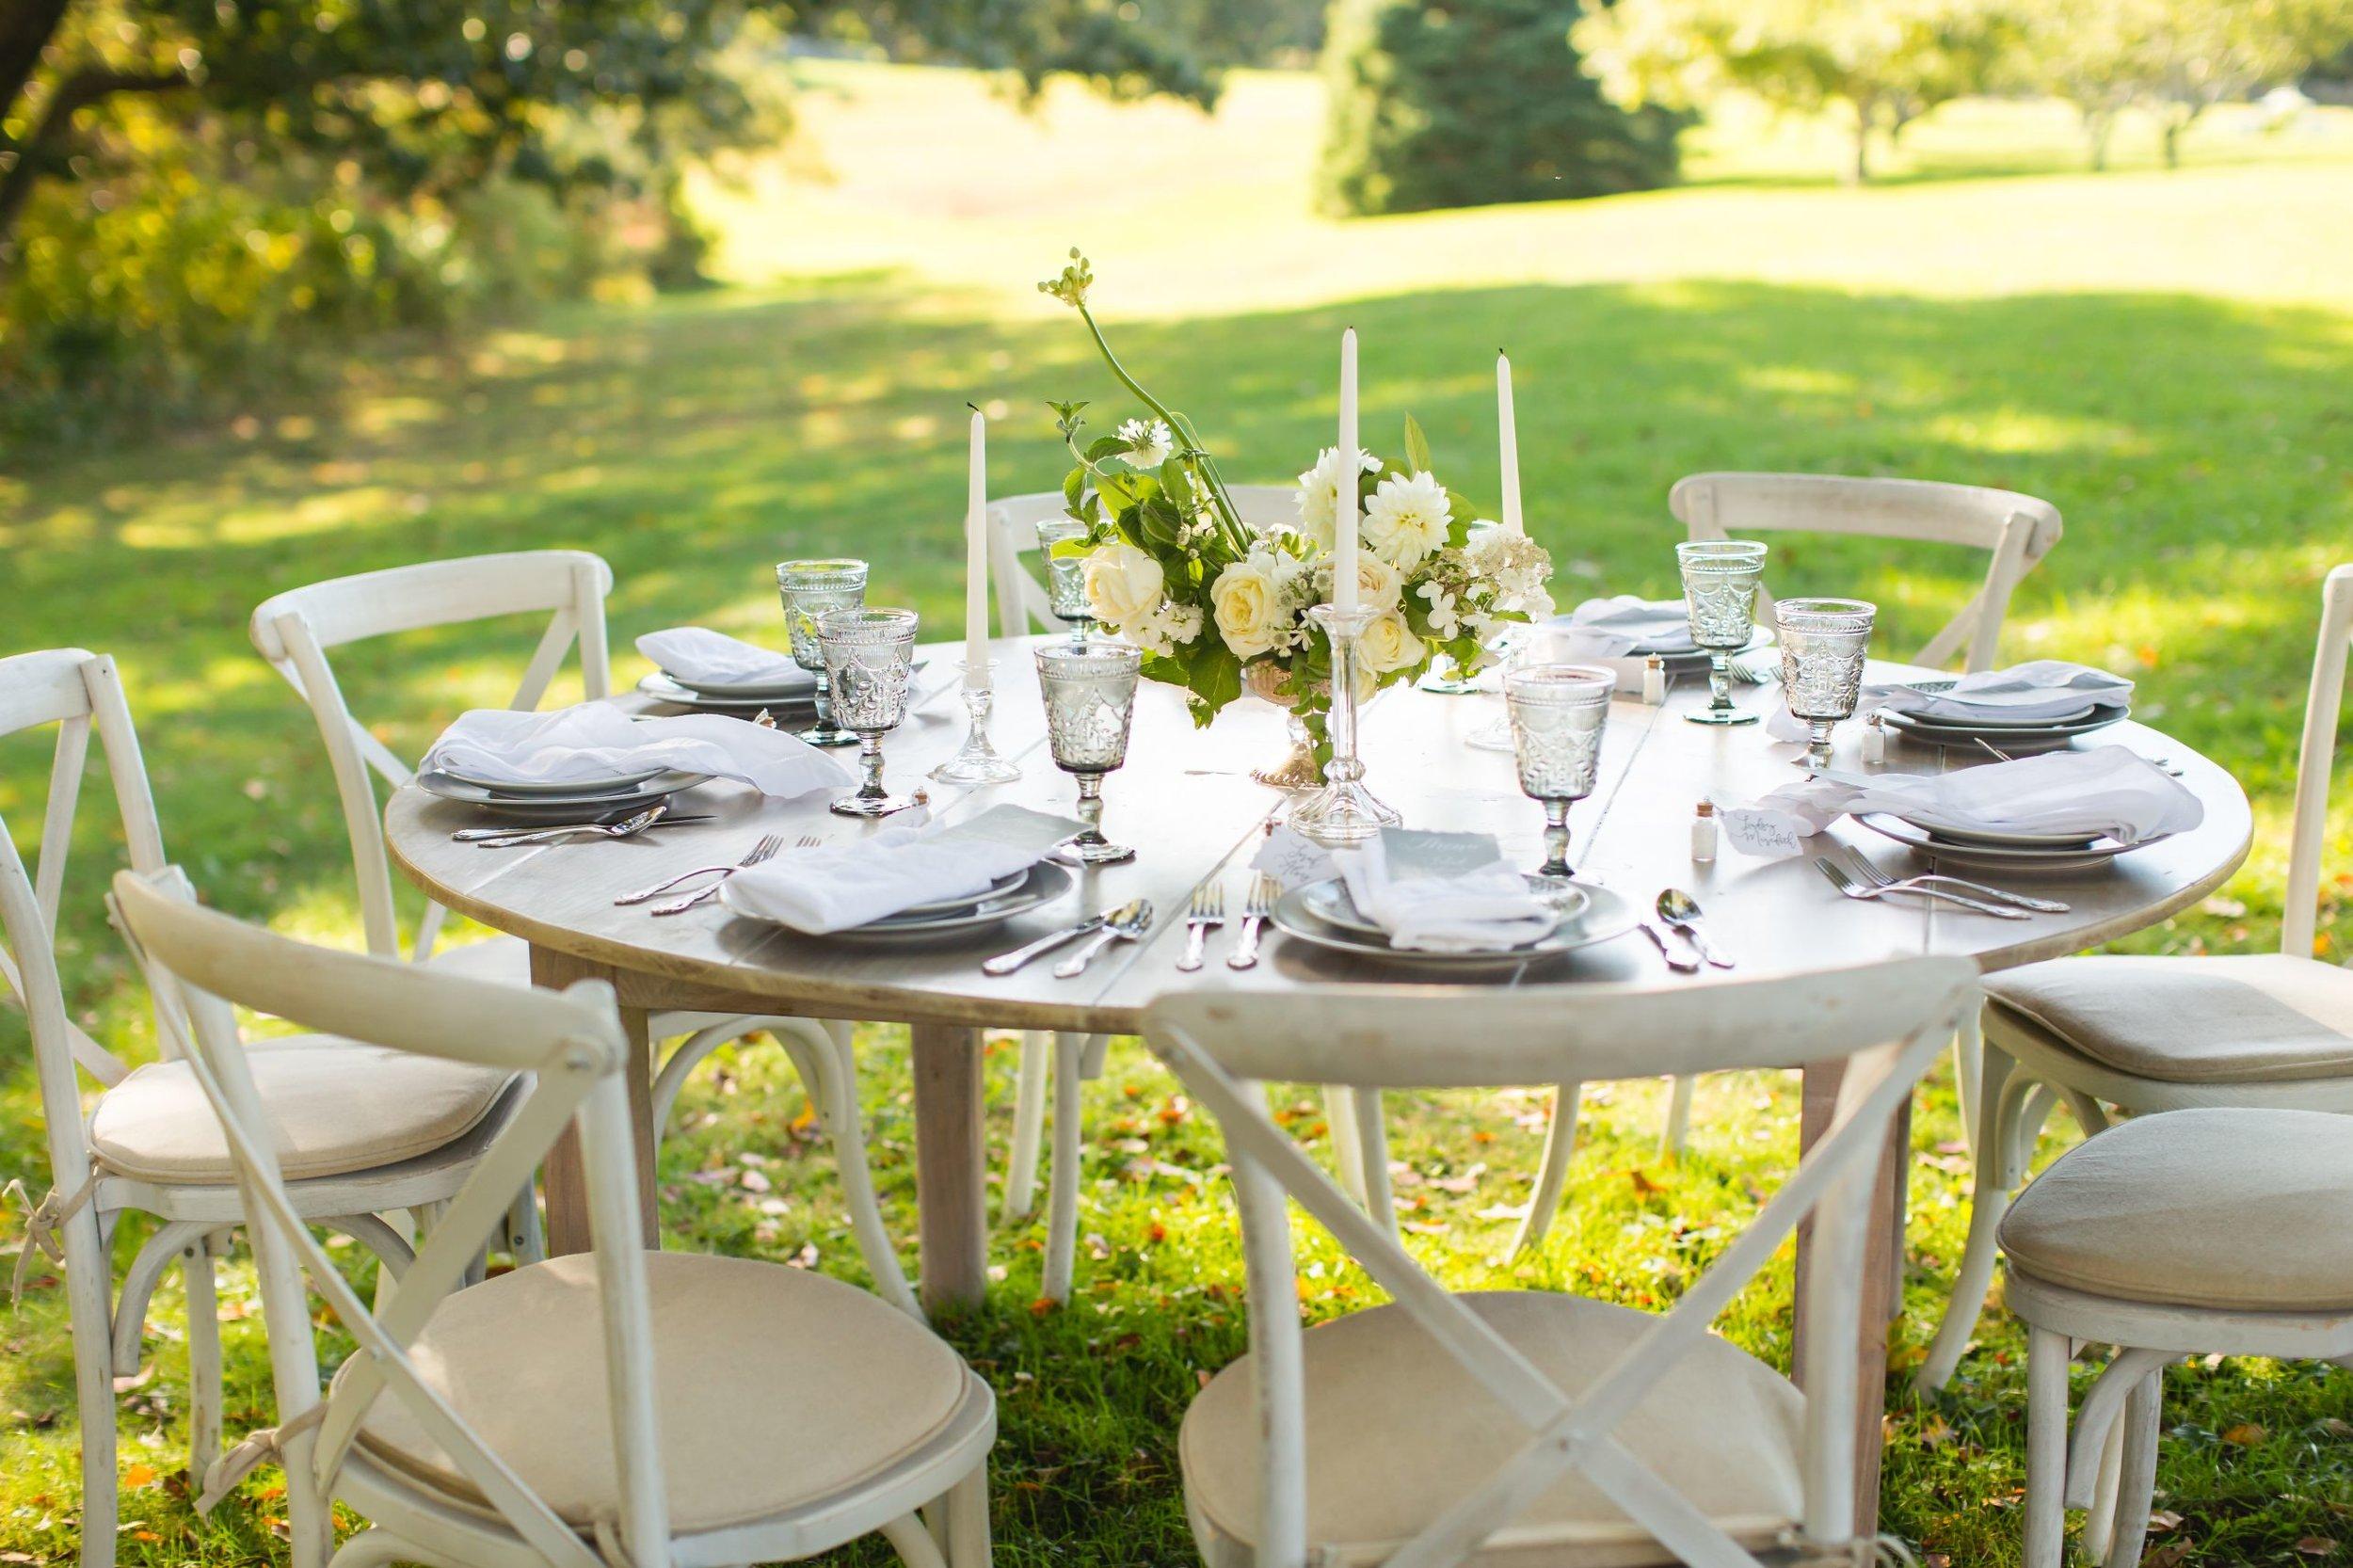 elevated-locale-bourne-farm-falmouth-wedding-daylynn-designs144.jpg